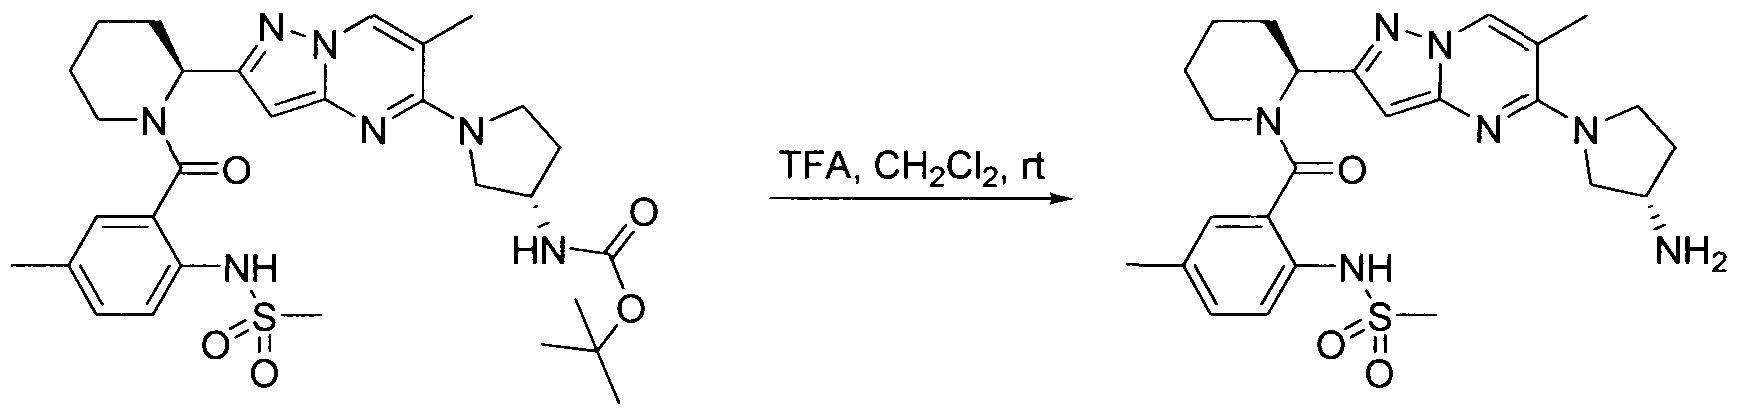 Figure imgf000383_0002